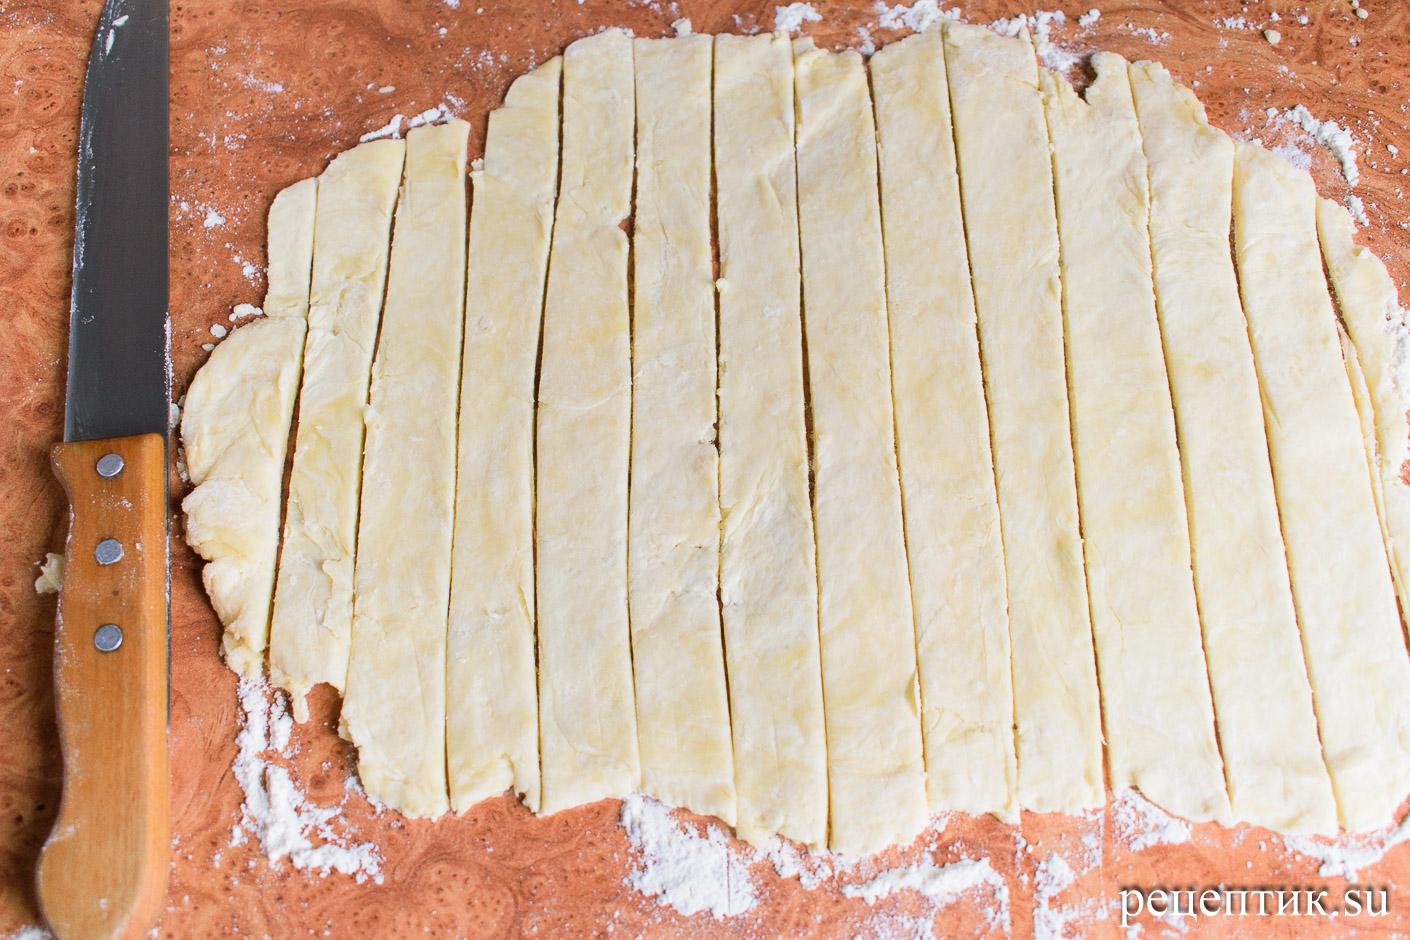 Яблочный пирог с решеткой из песочного теста - рецепт с фото, шаг 8